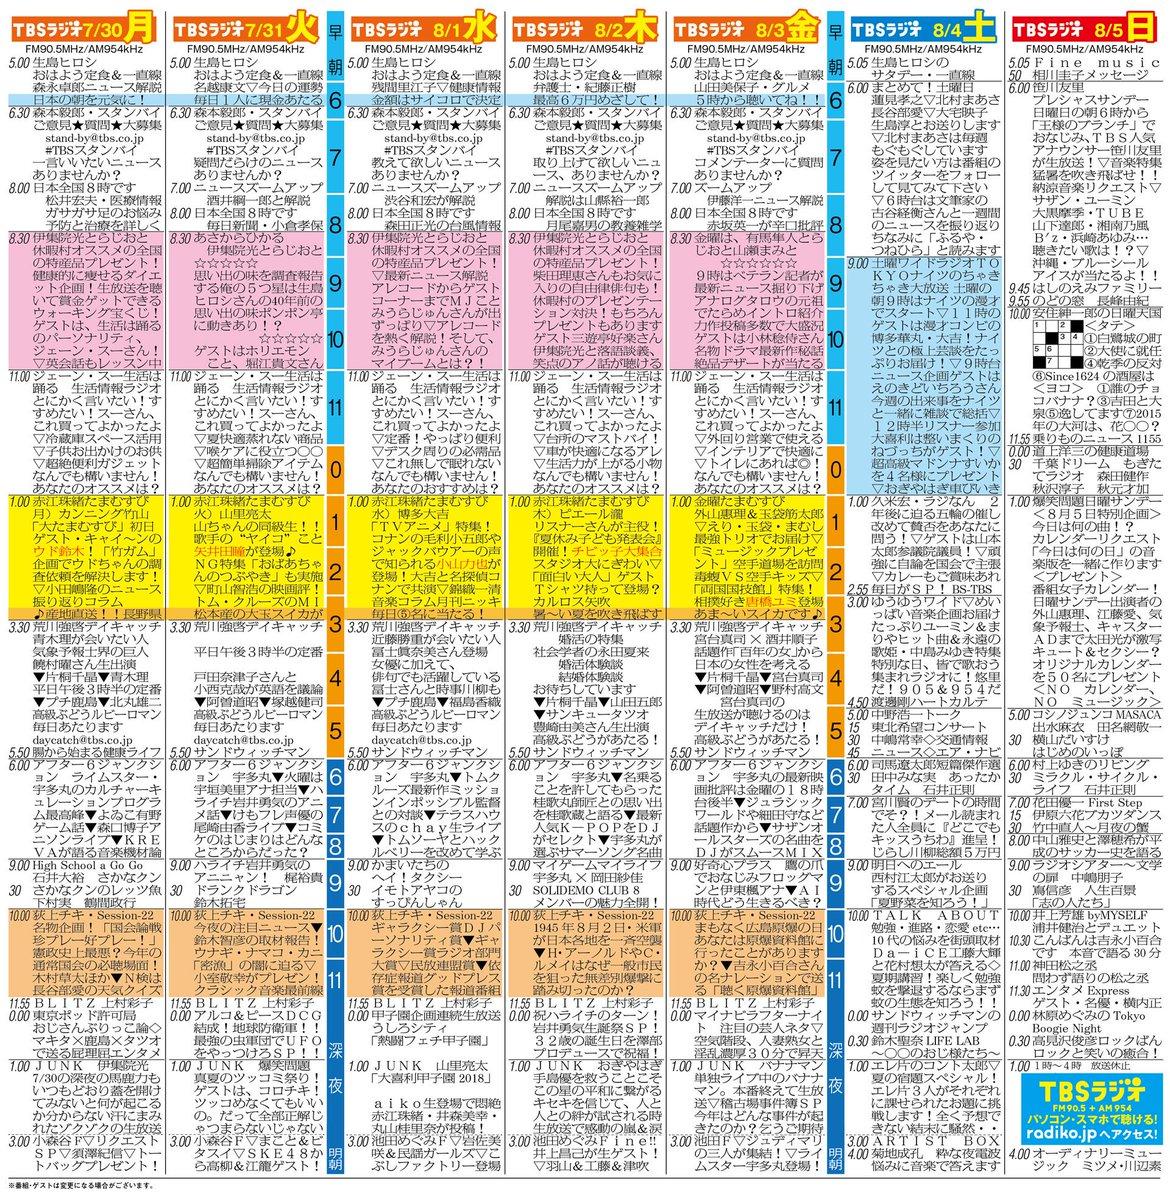 """TBSラジオ FM90.5&AM954 en Twitter: """"【TBSラジオ スペシャルウィーク ..."""